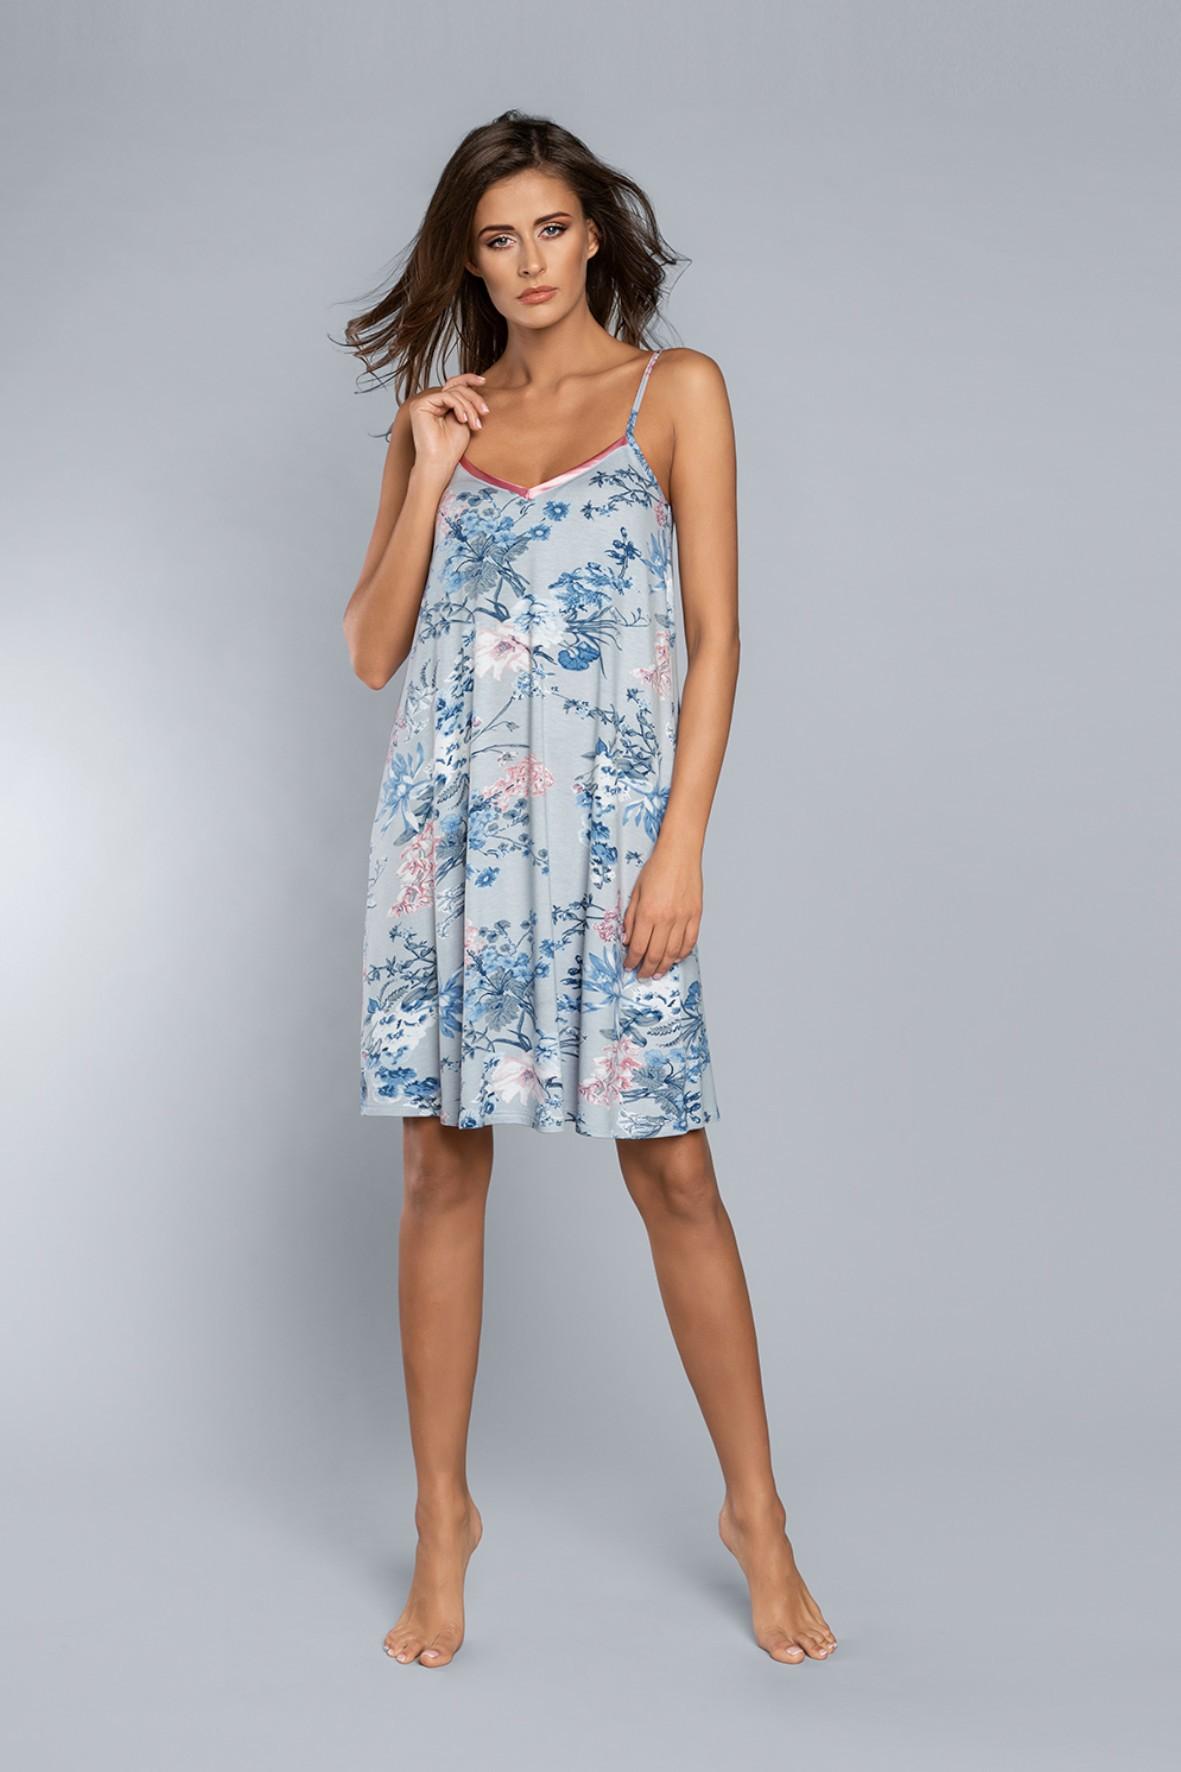 Koszula nocna damska w kolorze niebieskim w kwiaty na cienkie ramiączka